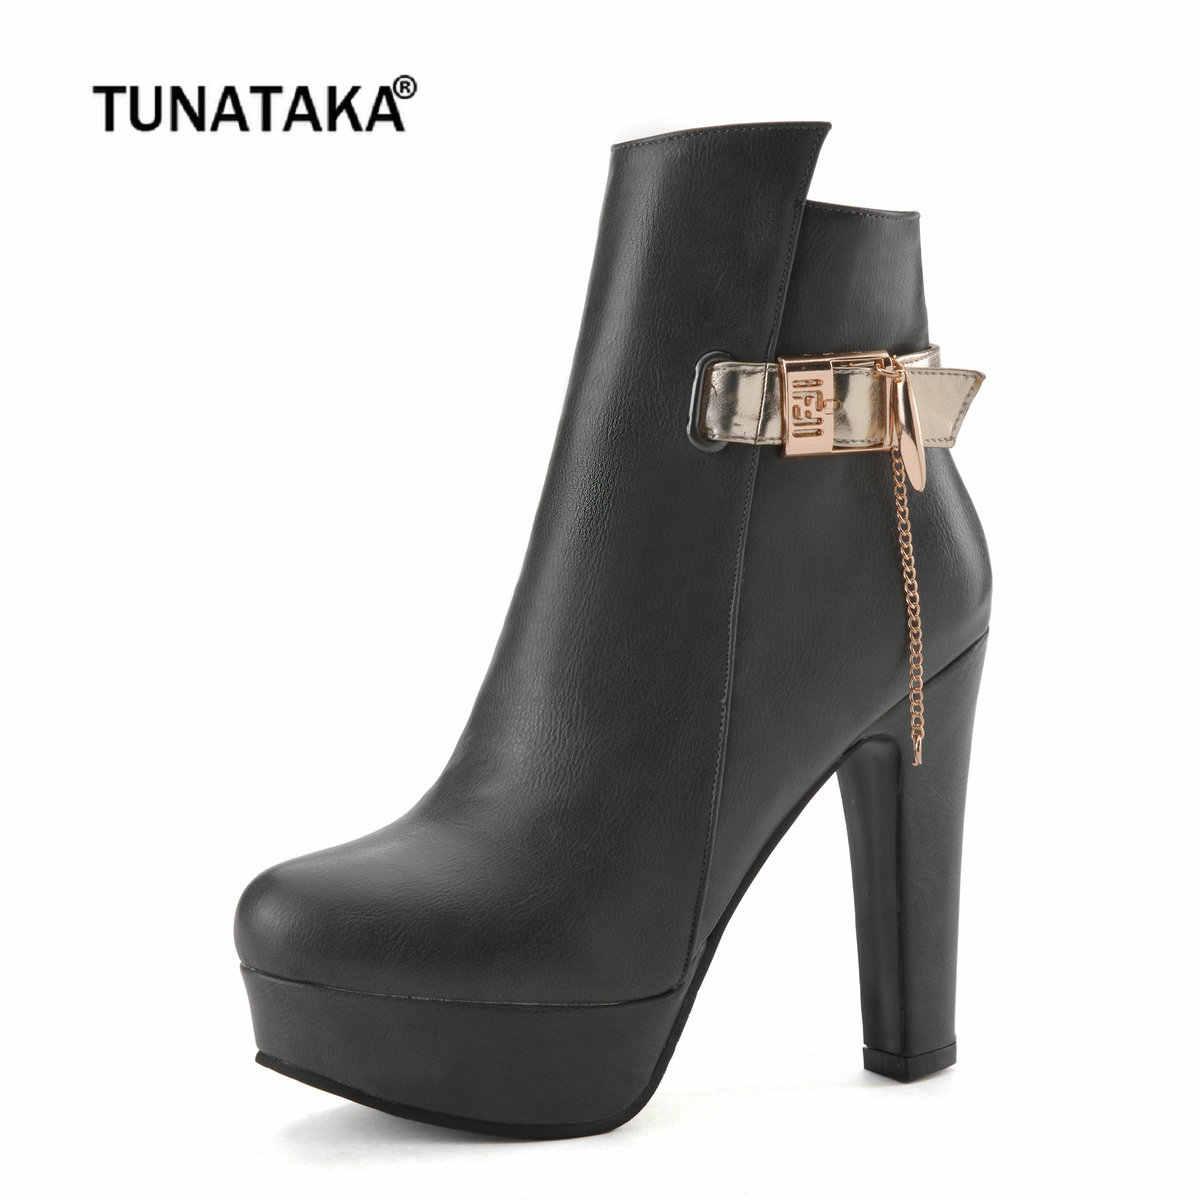 Kadın yarım çizmeler Platformu Tıknaz Yüksek Topuk Çizmeler Moda Toka Zip Kış Kadın Botları Gri Siyah Beyaz Bayan Bot Ayakkabı